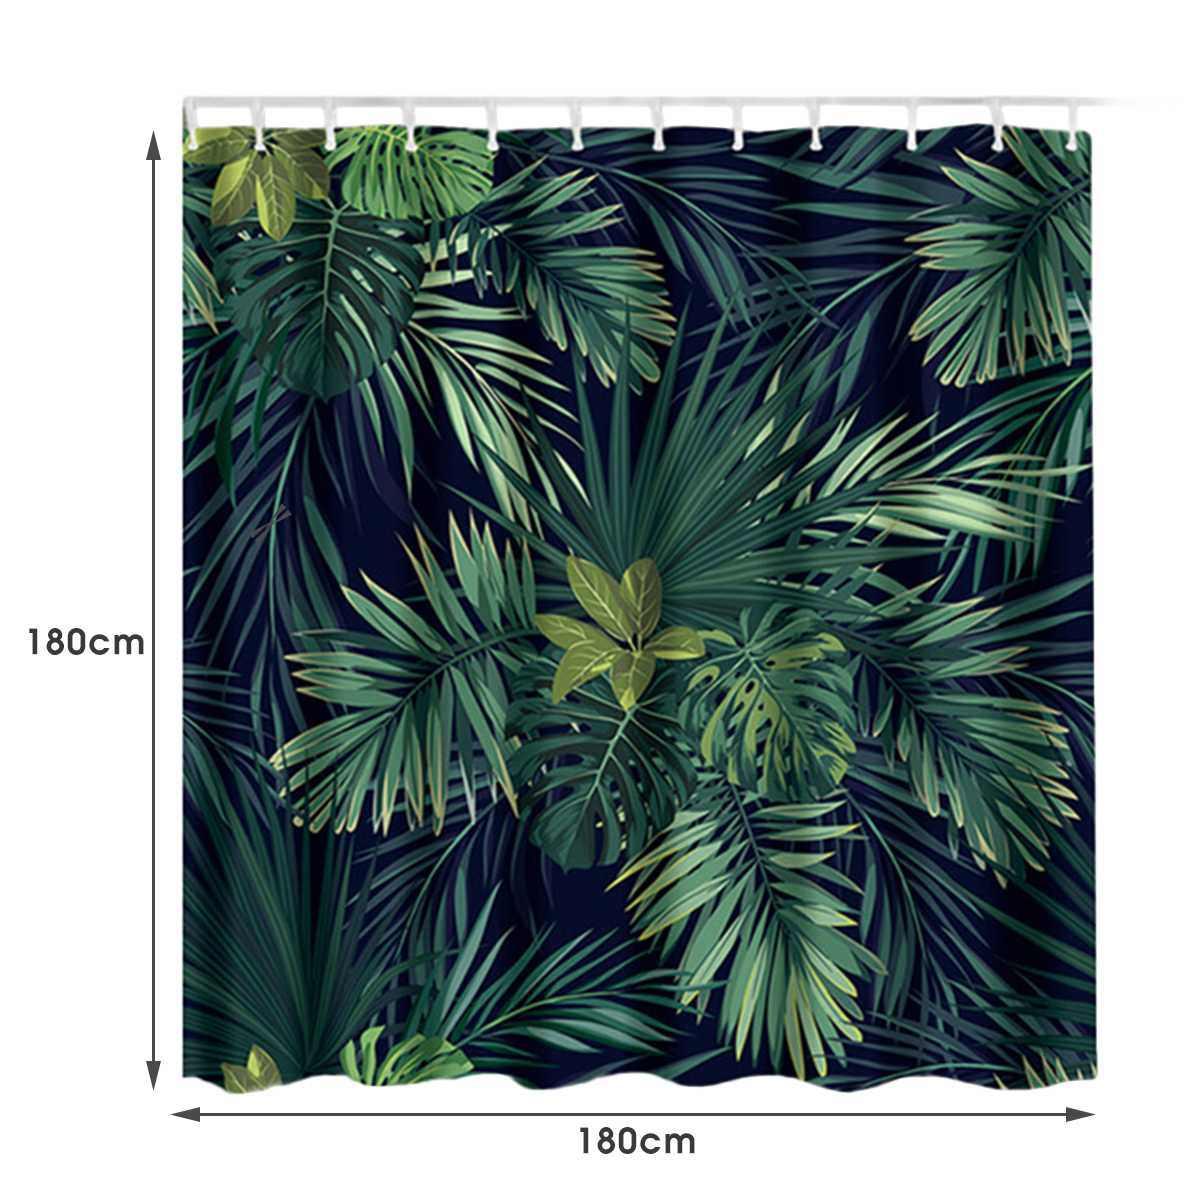 الأخضر أوراق نباتية استوائية المطبوعة ستارة للحمام دش المضادة للانزلاق حمام أطقم حصير (دواسات) المرحاض غطاء المطبخ السجاد